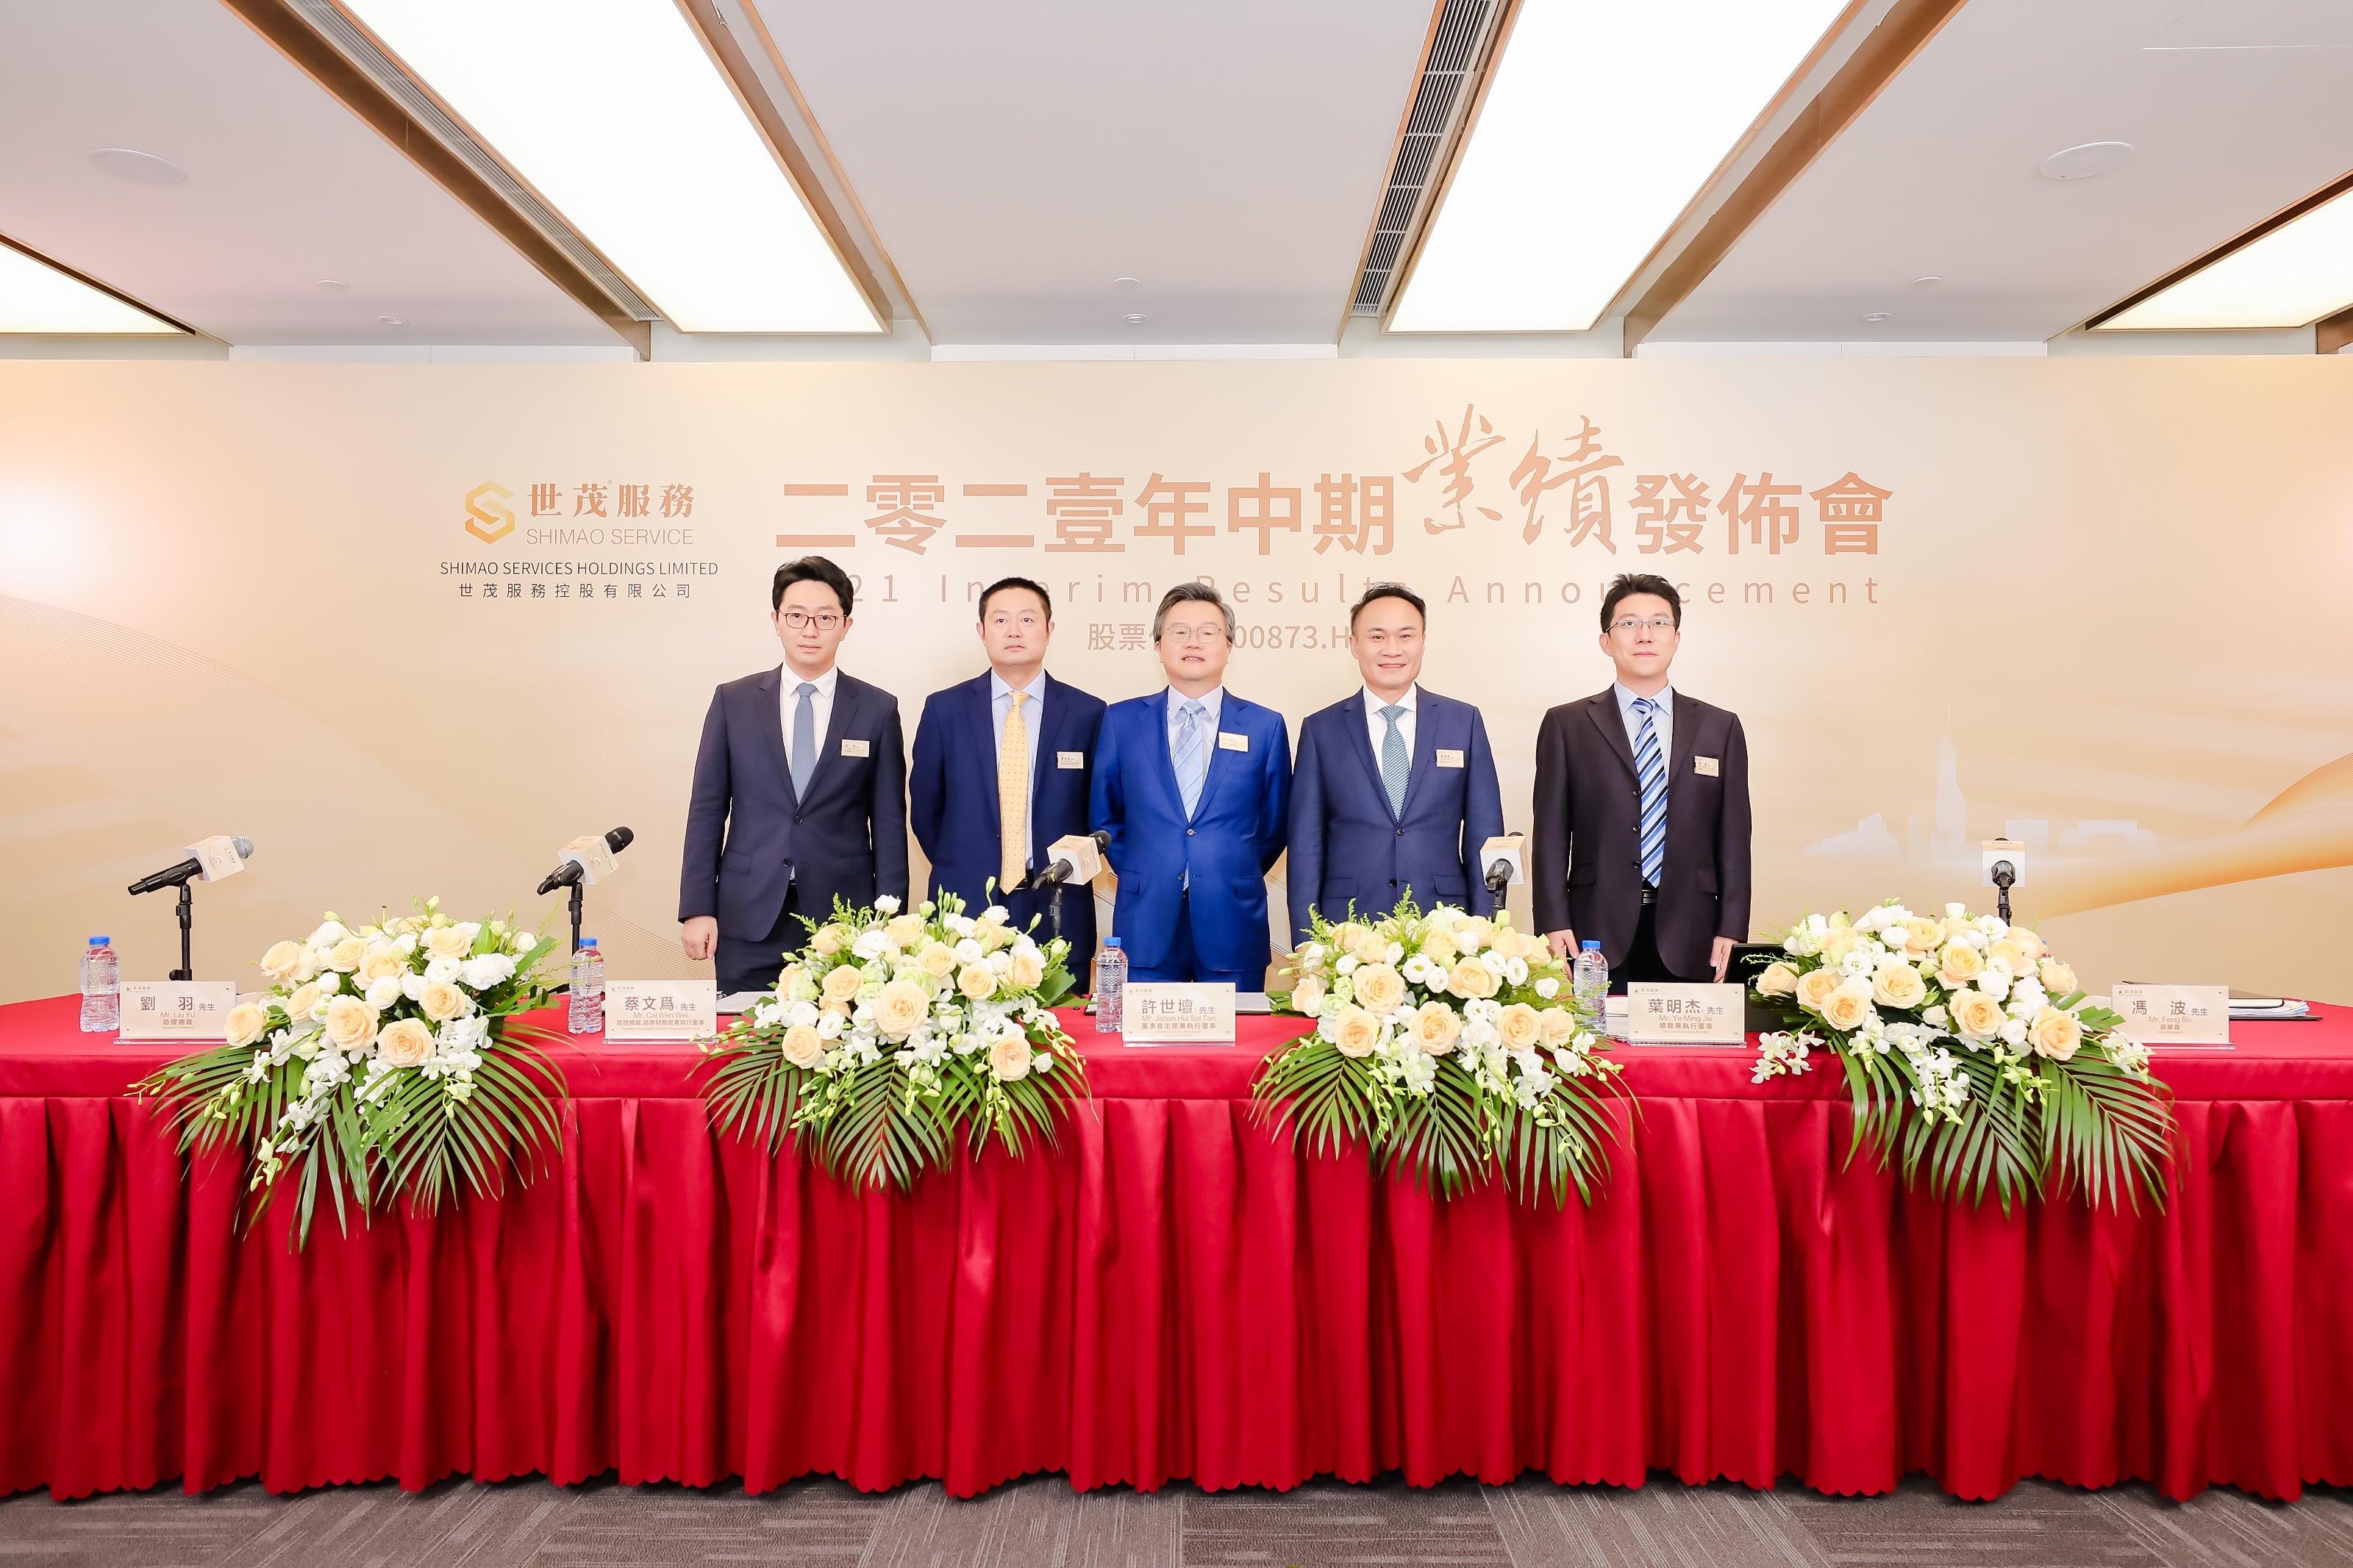 世茂服务营收大增171% 城市服务首次成为四大业务板块之一_中国网地产